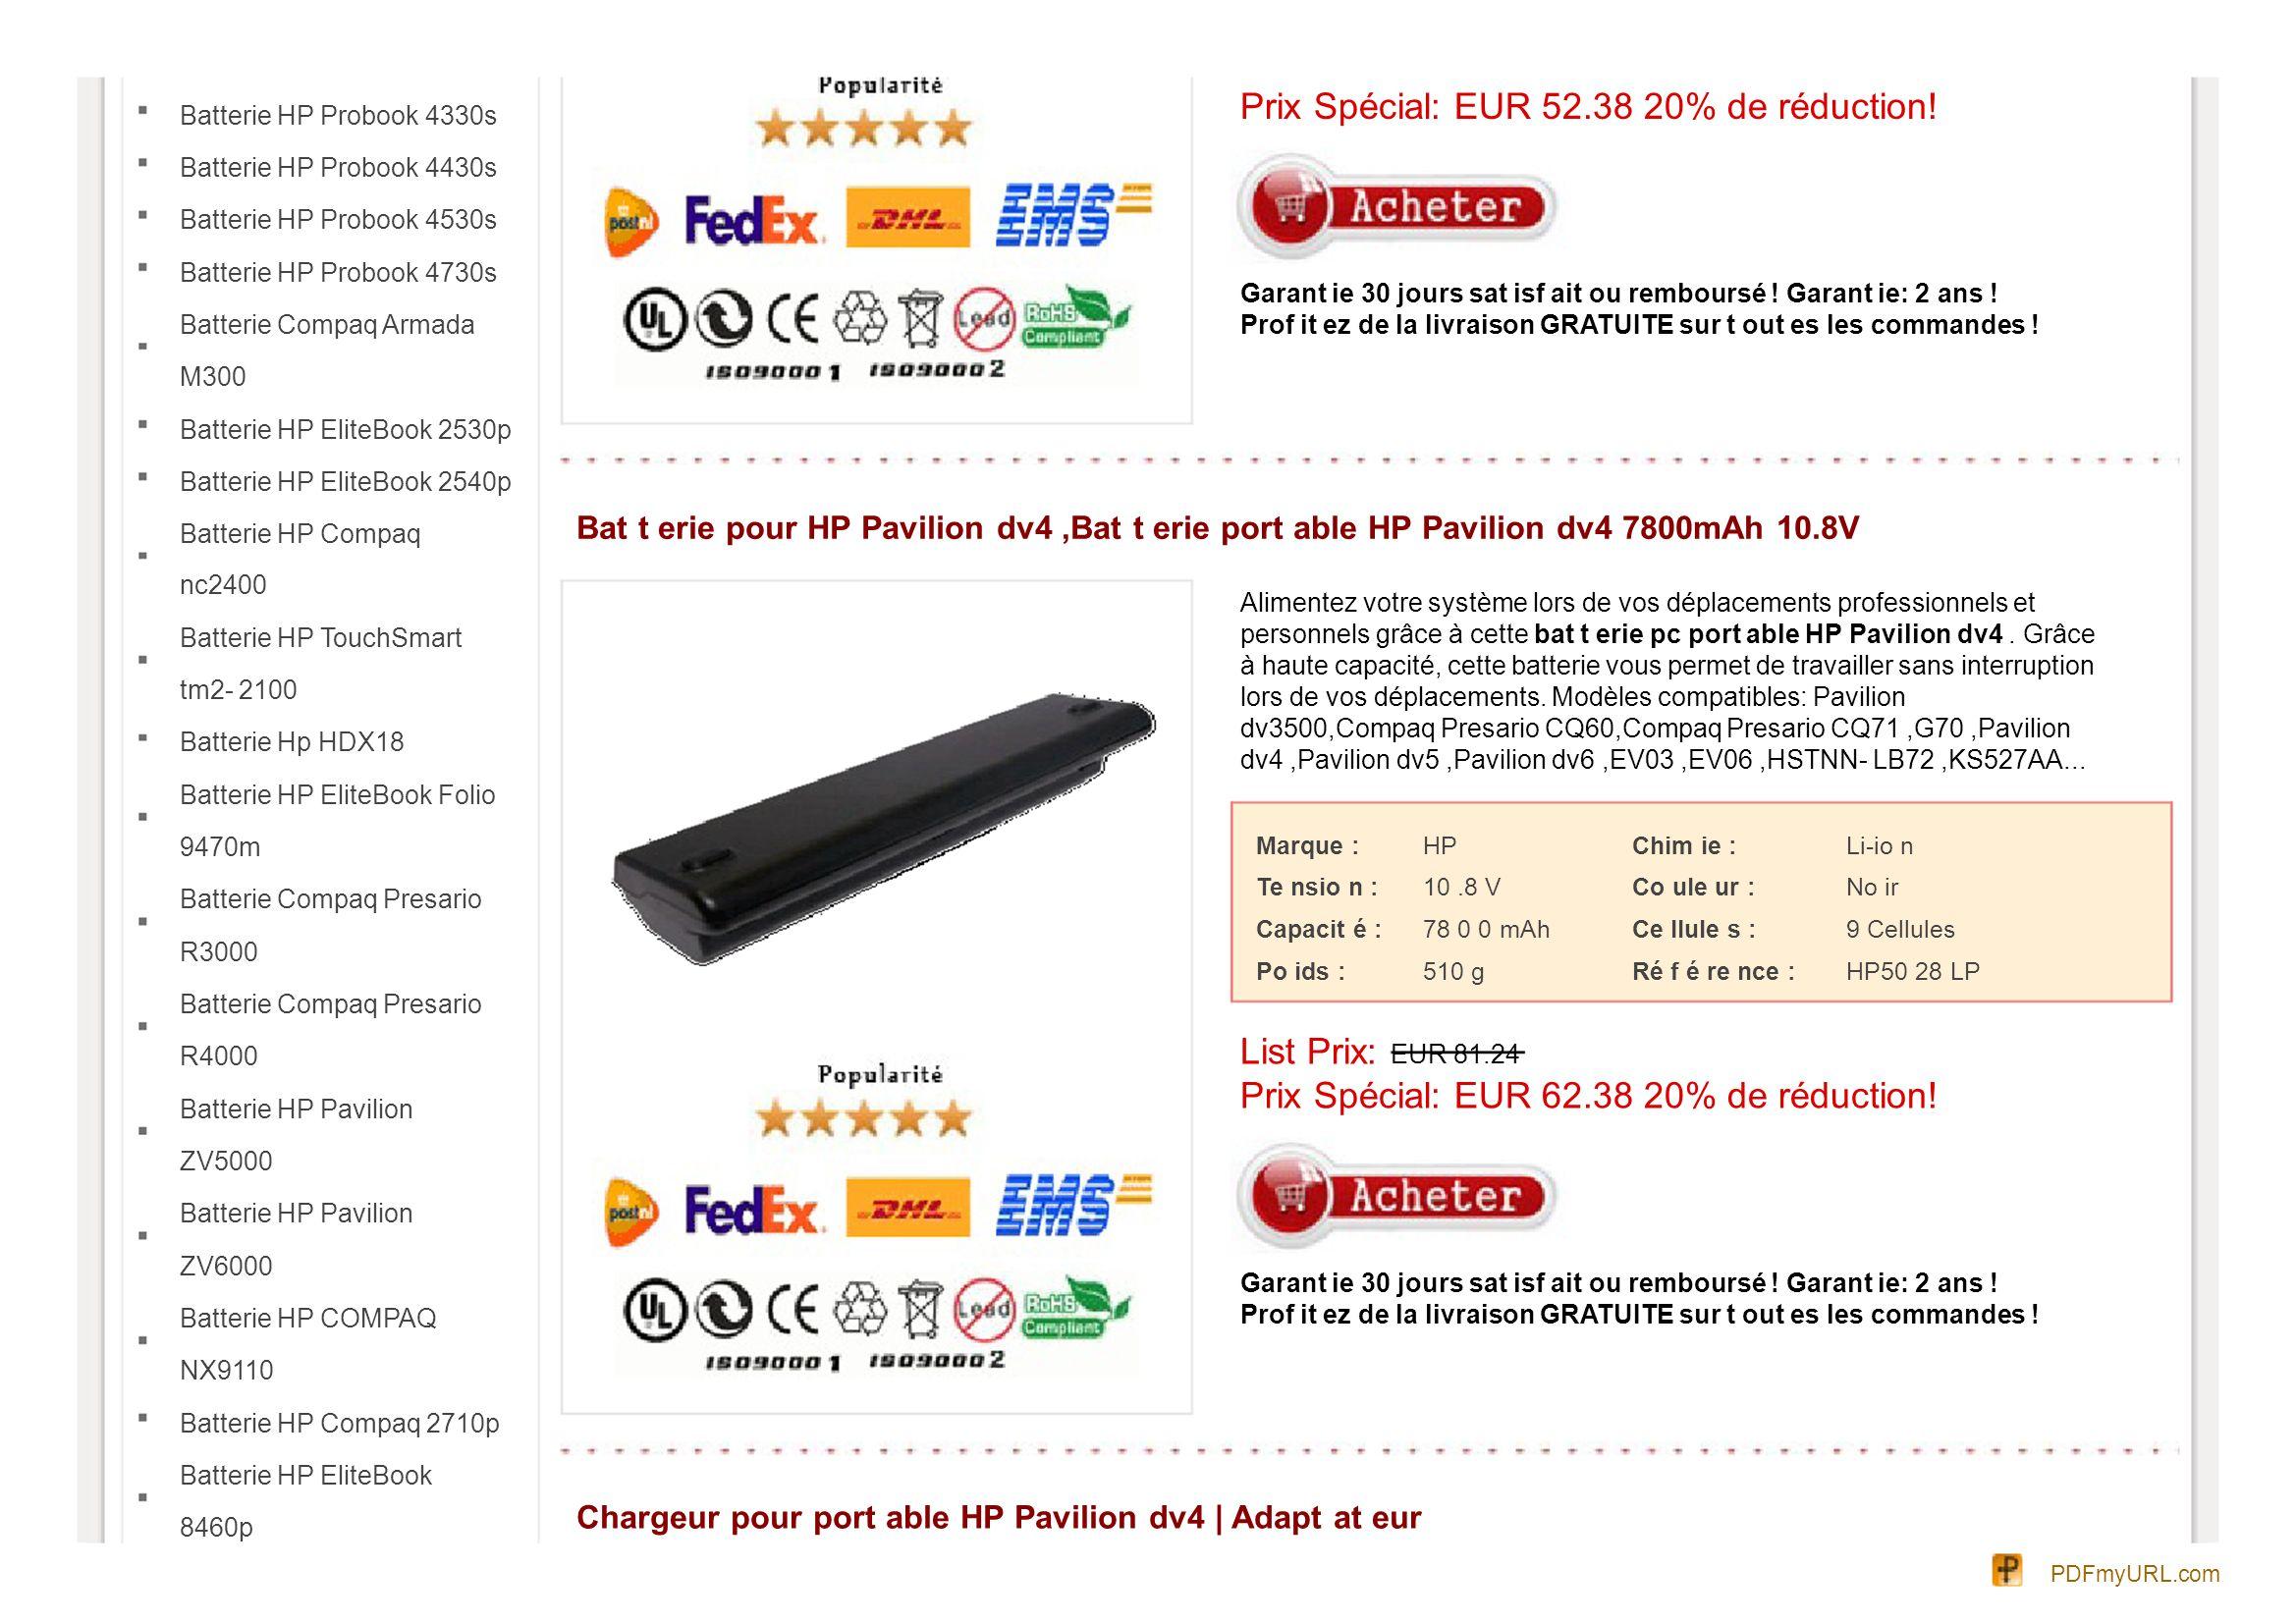 Batterie HP EliteBook 8460w Batterie HP EliteBook 8560w Batterie HP ProBook 6360b Batterie HP ProBook 6460b Batterie HP ProBook 6560b Batterie HP OmniBook XE2 Batterie HP Compaq NC4200 Batterie HP Compaq TC4400 Batterie HP ProBook 6470b Alimentation 100% neuf et exclusivement assemblé avec des composants de premier choix afin de répondre aux normes CE Livraison rapide.